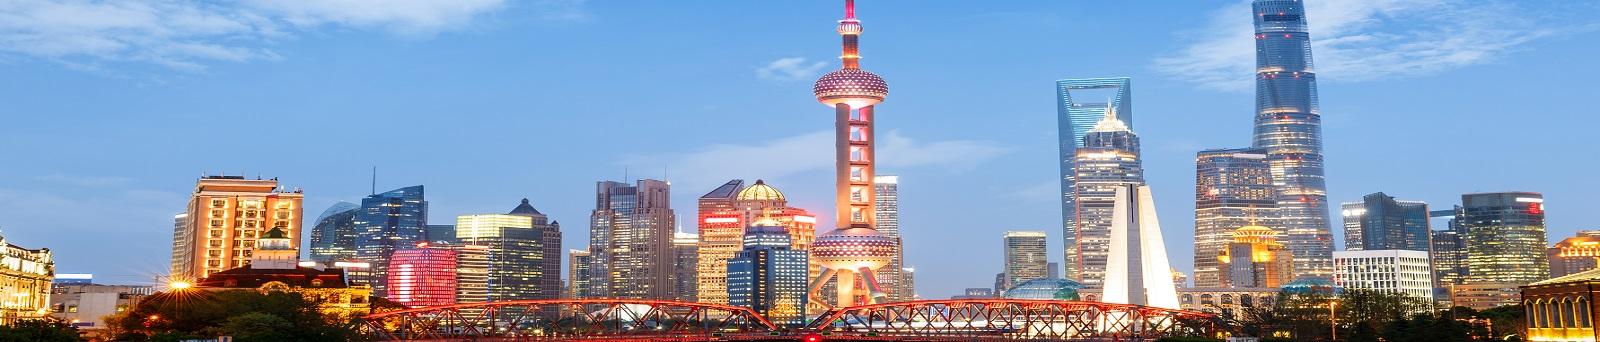 http://china.taplowgroup.comChina Skyline